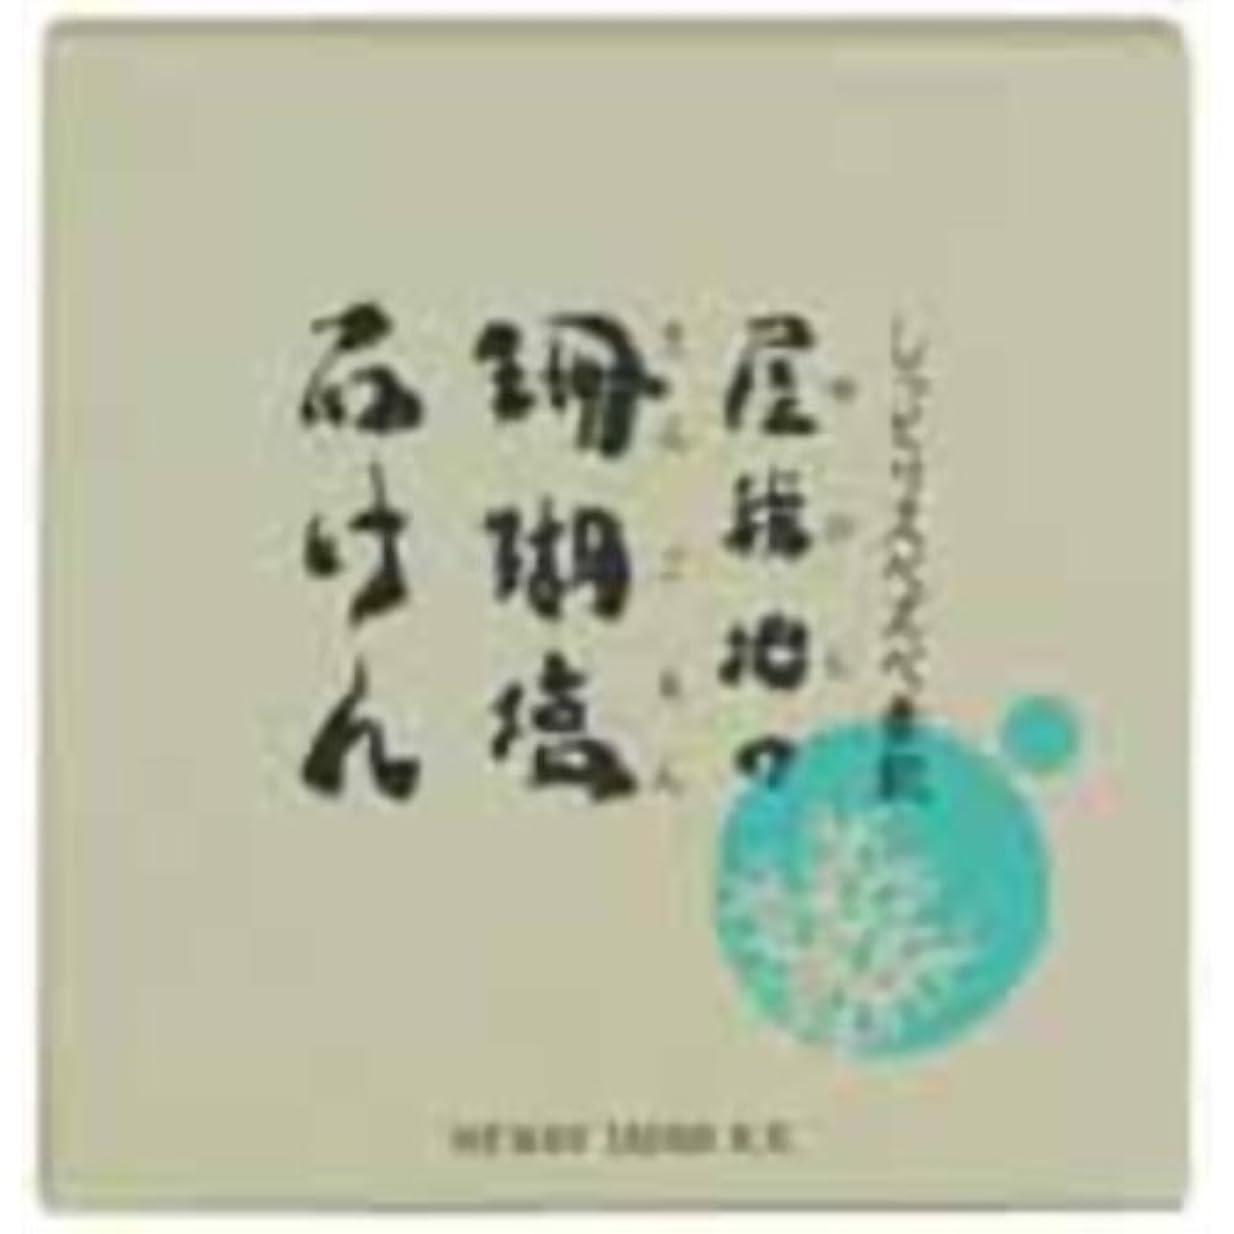 レルム子犬ソブリケット珊瑚塩石鹸 100g